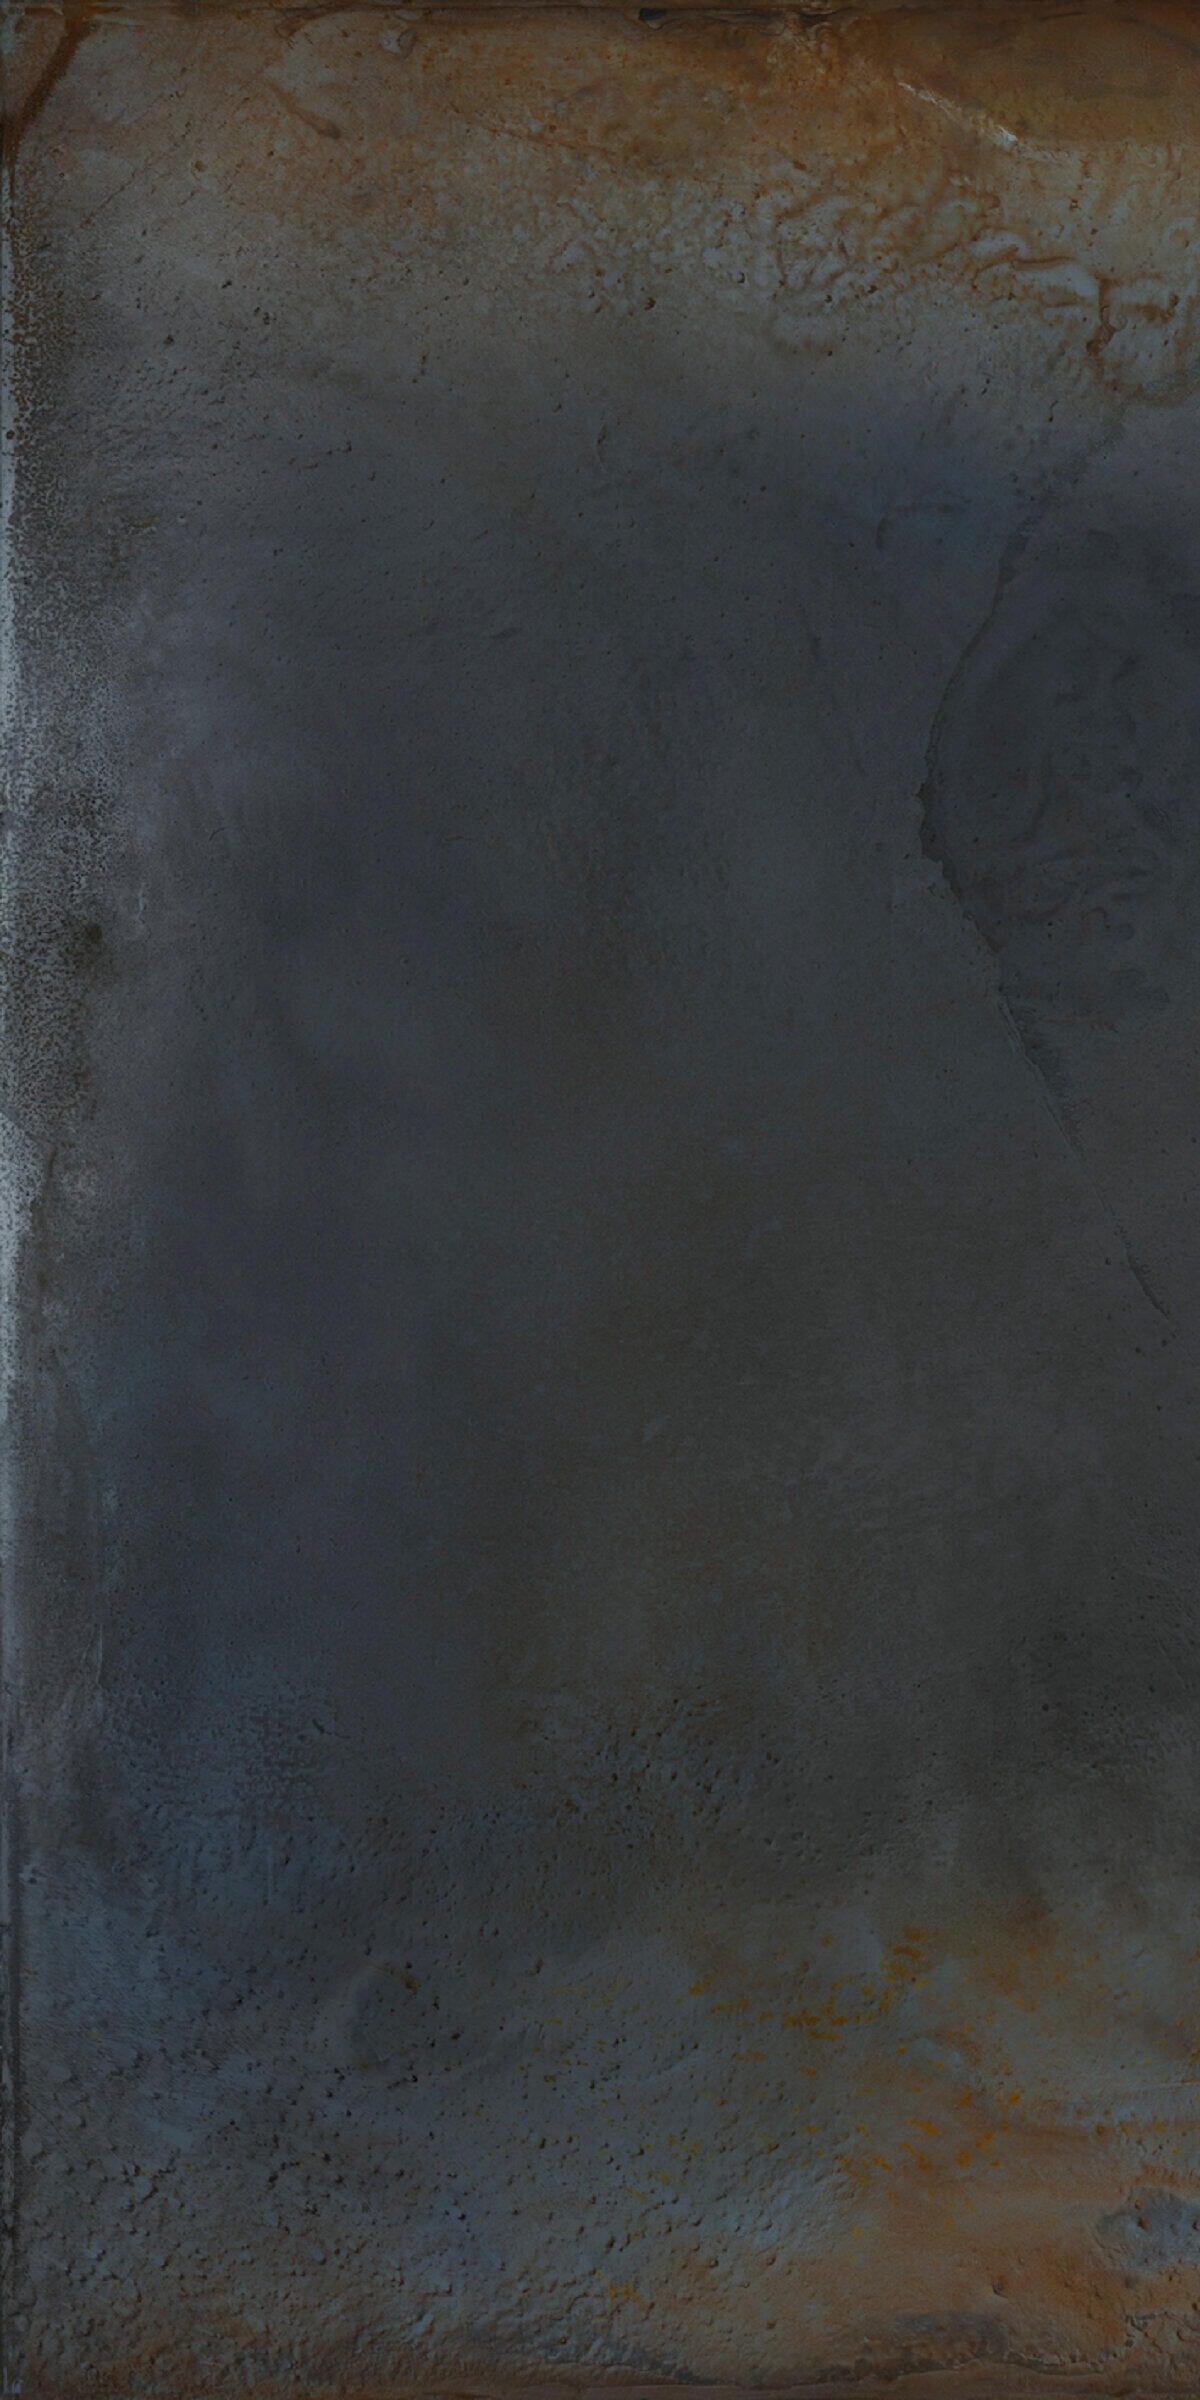 Piastrella Metal Now Acciaio Brunito 60 x 120 cm sp. 10 mm PEI 4/5 nero